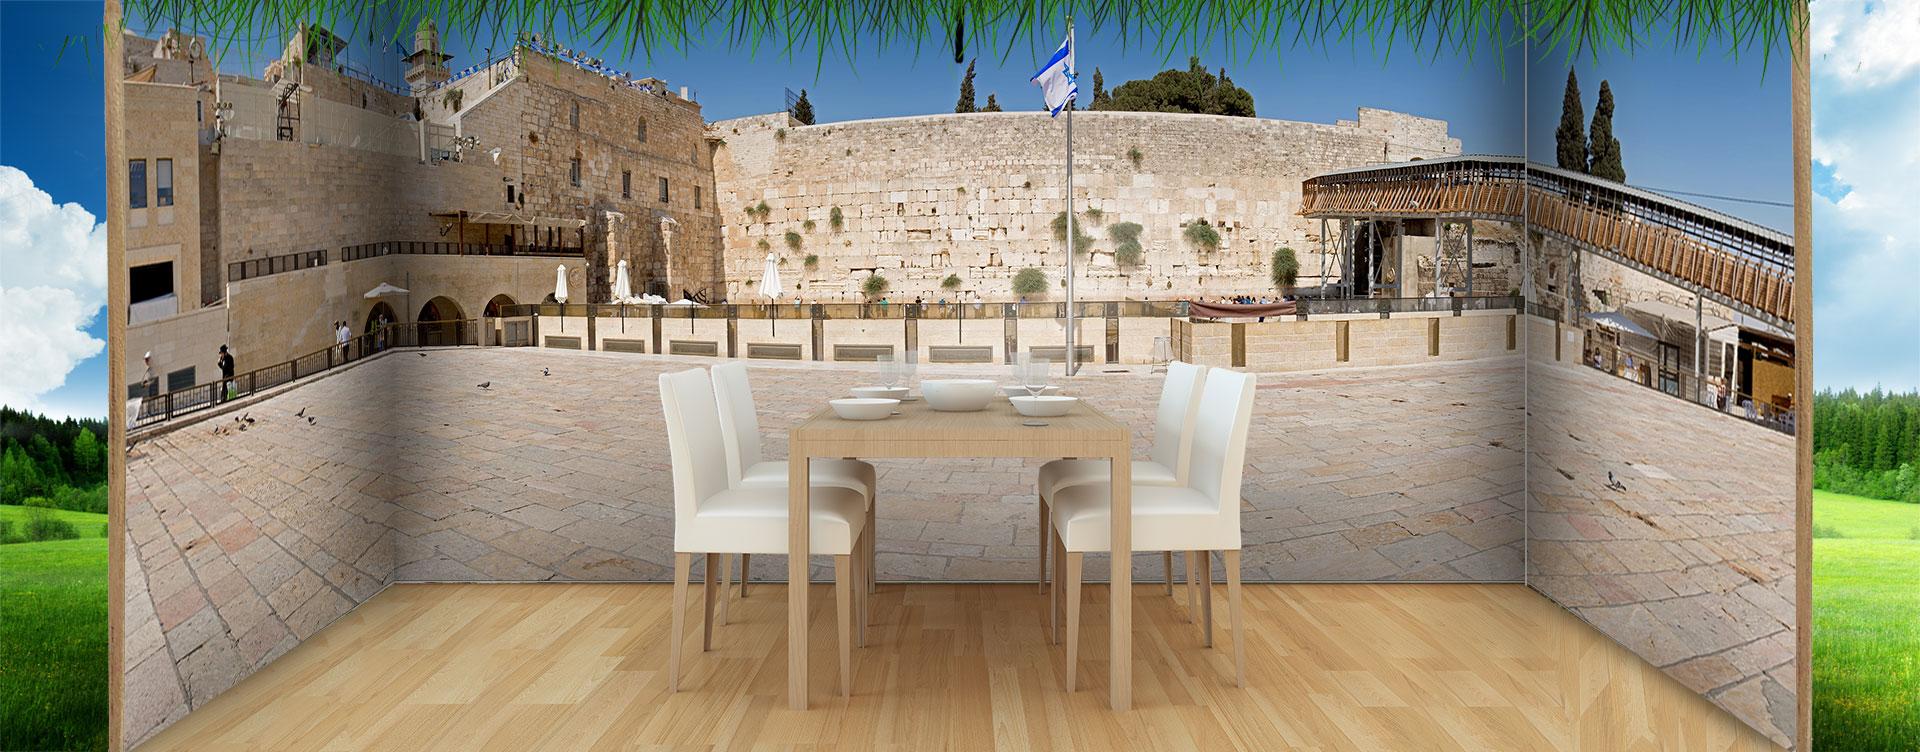 Kotel Western Wall Jerusalem Sukkah Kit